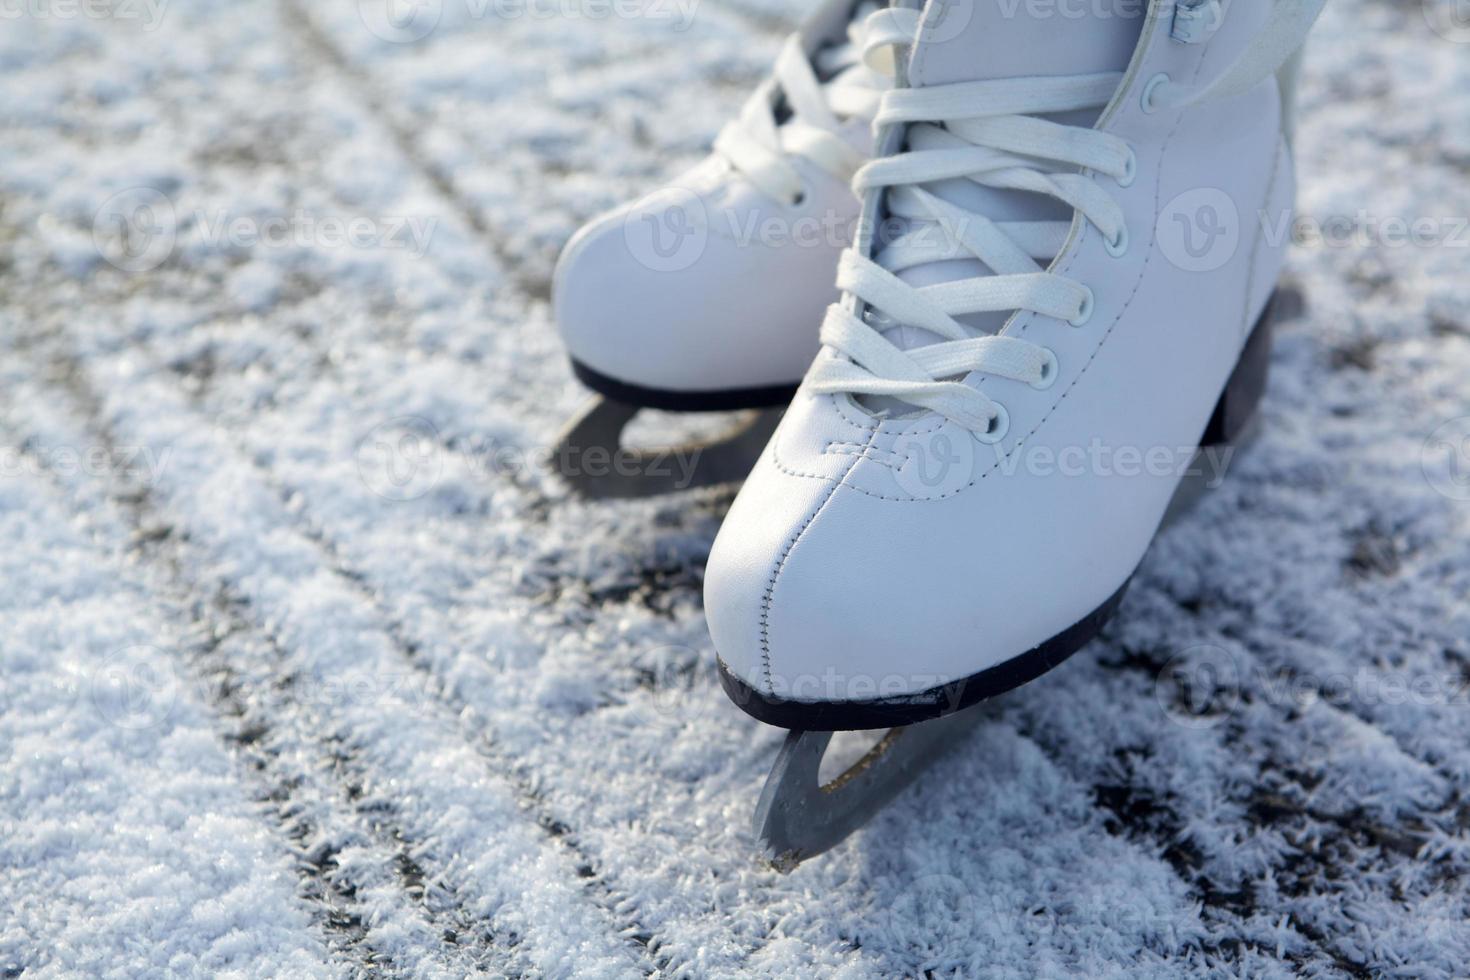 pattini da ghiaccio sul ghiaccio foto